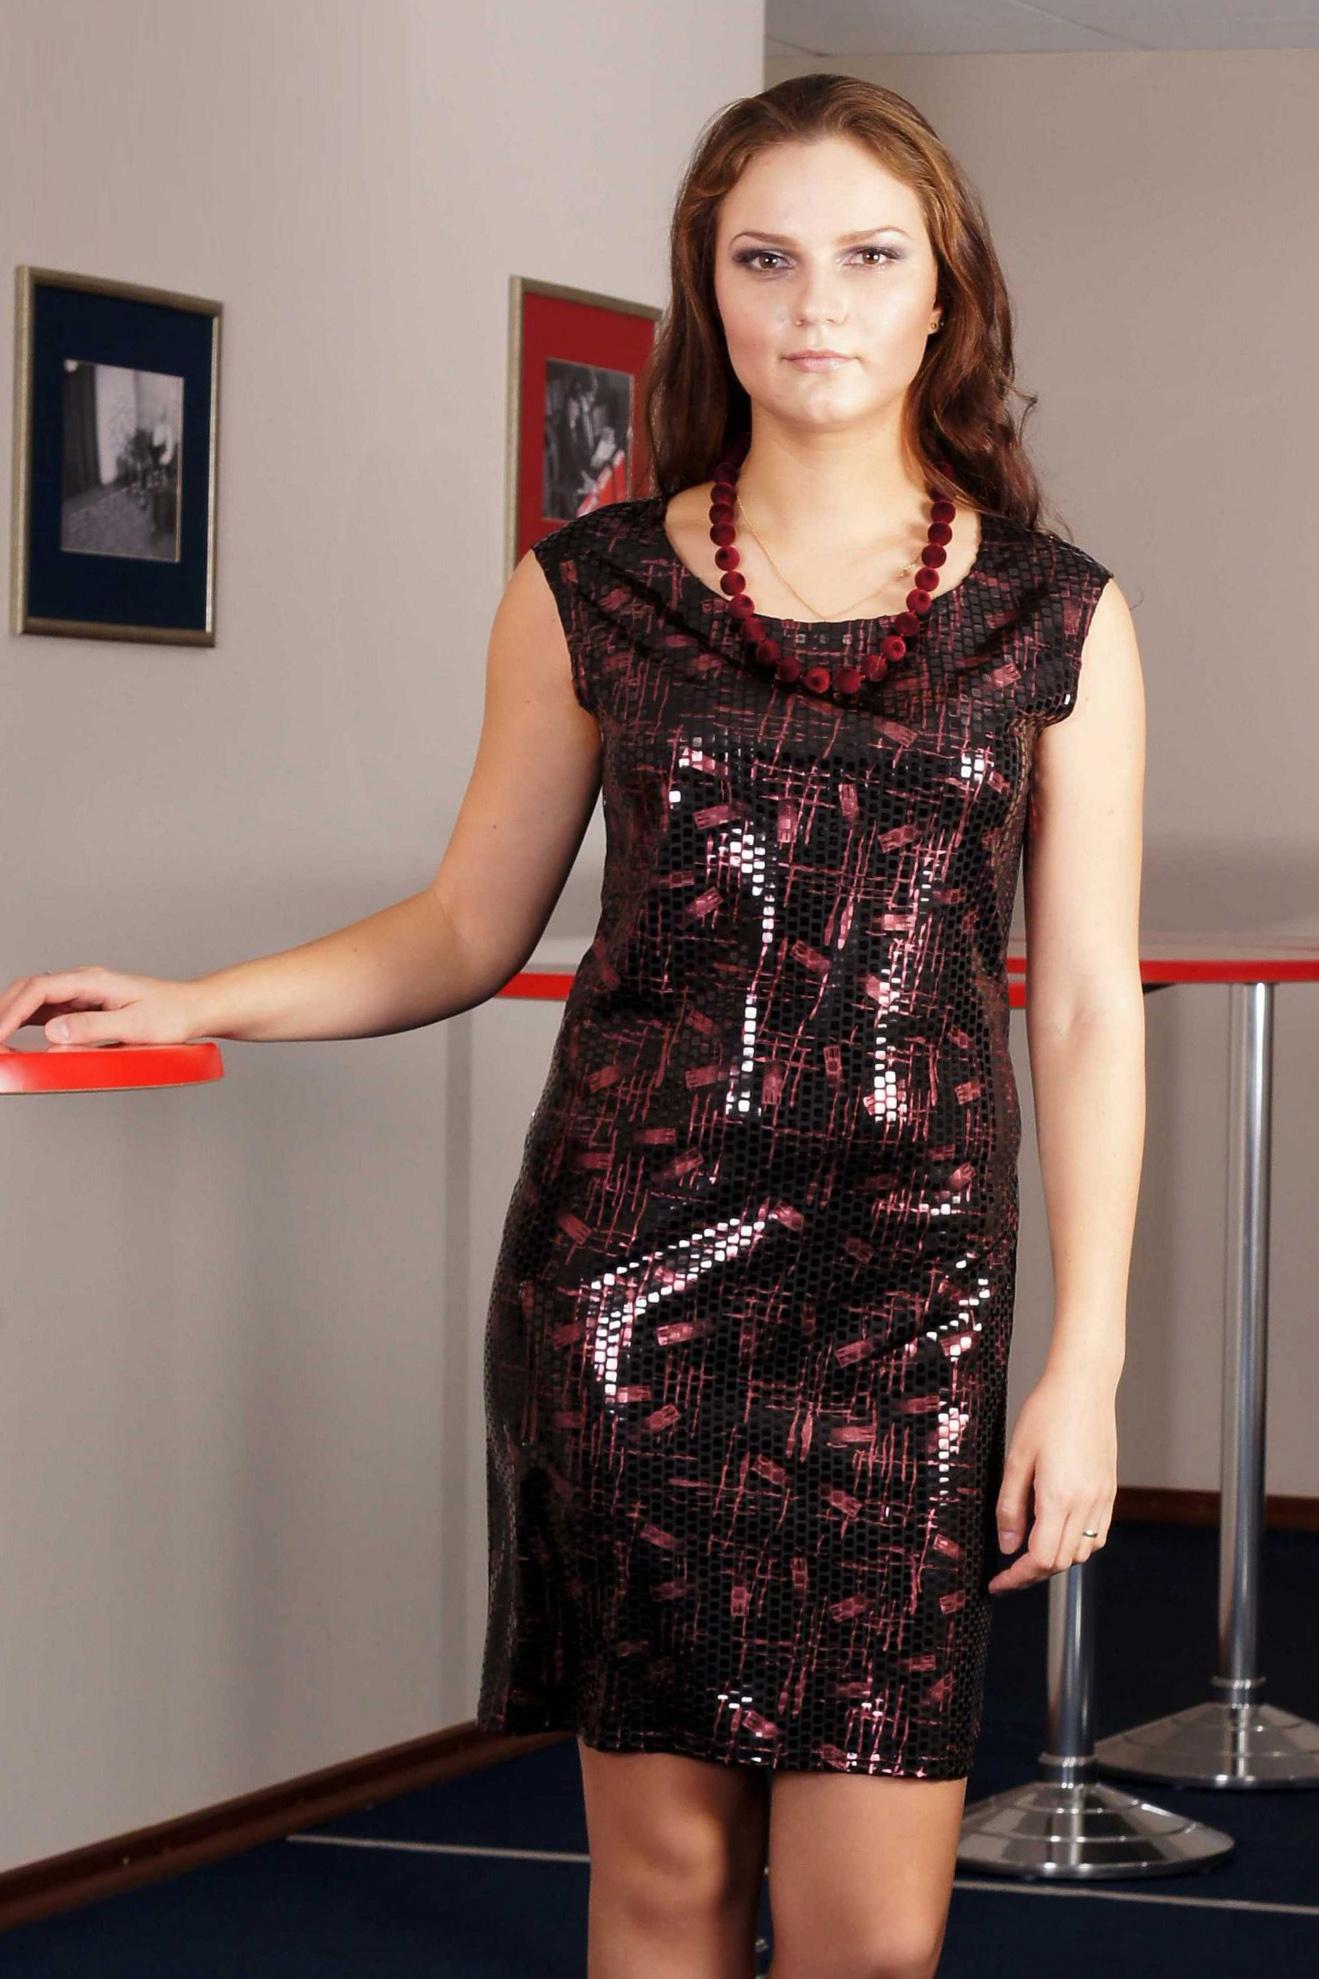 ПлатьеПлатья<br>Это стильное и эффектное платье наверняка станет любимым нарядом для молодых и юных модниц. Его яркая расцветка будет всегда привлекать всеобщее внимание к обладательнице такого платья. А облегающий крой этой модели и ее короткая длина подчеркнет все достоинства женской фигуры, а также стройность и изящность силуэта. Сочетая это платье с крупной бижутерией и обувью на высоком каблуке, каждая девушка будет чувствовать себя настоящей звездой на любой вечеринке или развлекательном мероприятии. Укороченное платье без рукавов прилегающего силуэта. Платье из фактурного трикотажа, имитирующего покрытие пайетками. Перед с нагрудной вытачкой из бокового шва. Спинка со средним швом. Горловина округлая, расширенная и углубленная.Длина изделия, смДо 50 размера - около 88,0 см;После 50размера – около 93,0 см.Цвет: черный, розовый<br><br>Горловина: С- горловина<br>Рукав: Без рукавов<br>Длина: До колена<br>Материал: Трикотаж<br>Рисунок: С принтом,Цветные<br>Сезон: Весна,Всесезон,Зима,Лето,Осень<br>Силуэт: Полуприталенные<br>Стиль: Нарядный стиль<br>Форма: Платье - футляр<br>Размер : 46,48,50,52,54<br>Материал: Трикотаж<br>Количество в наличии: 6